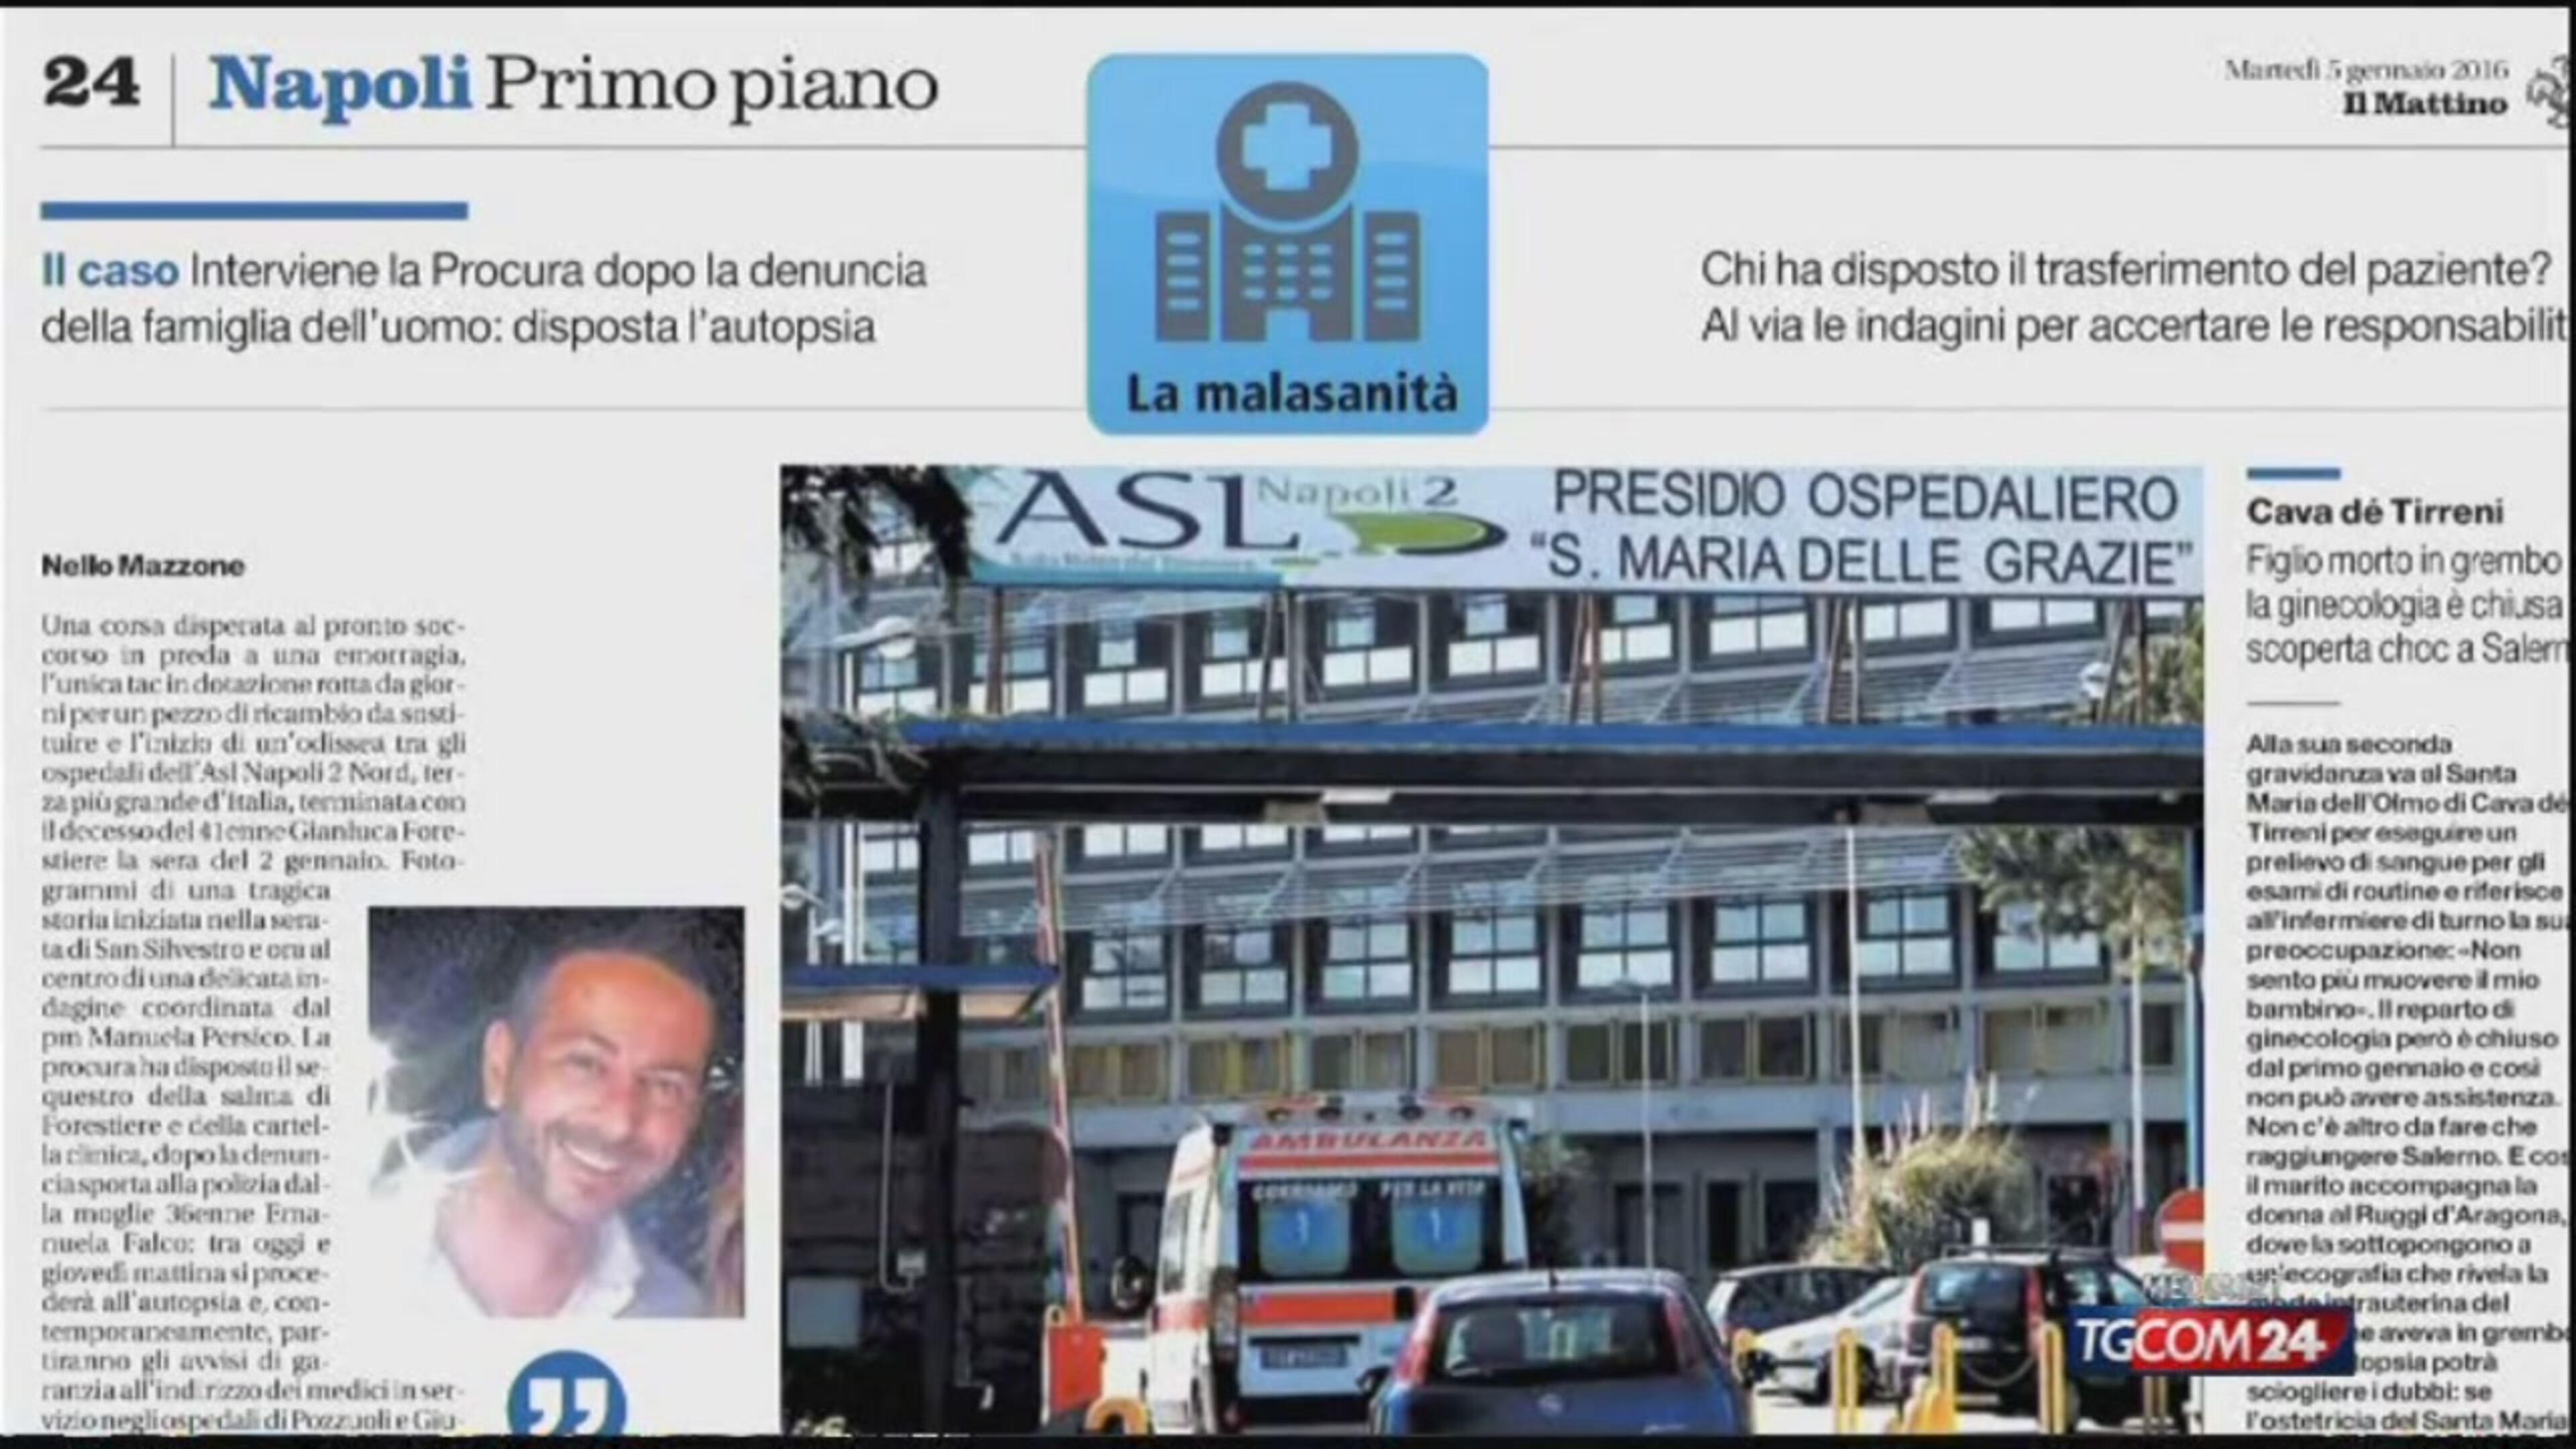 Napoli: niente Tac, muore per emorragia